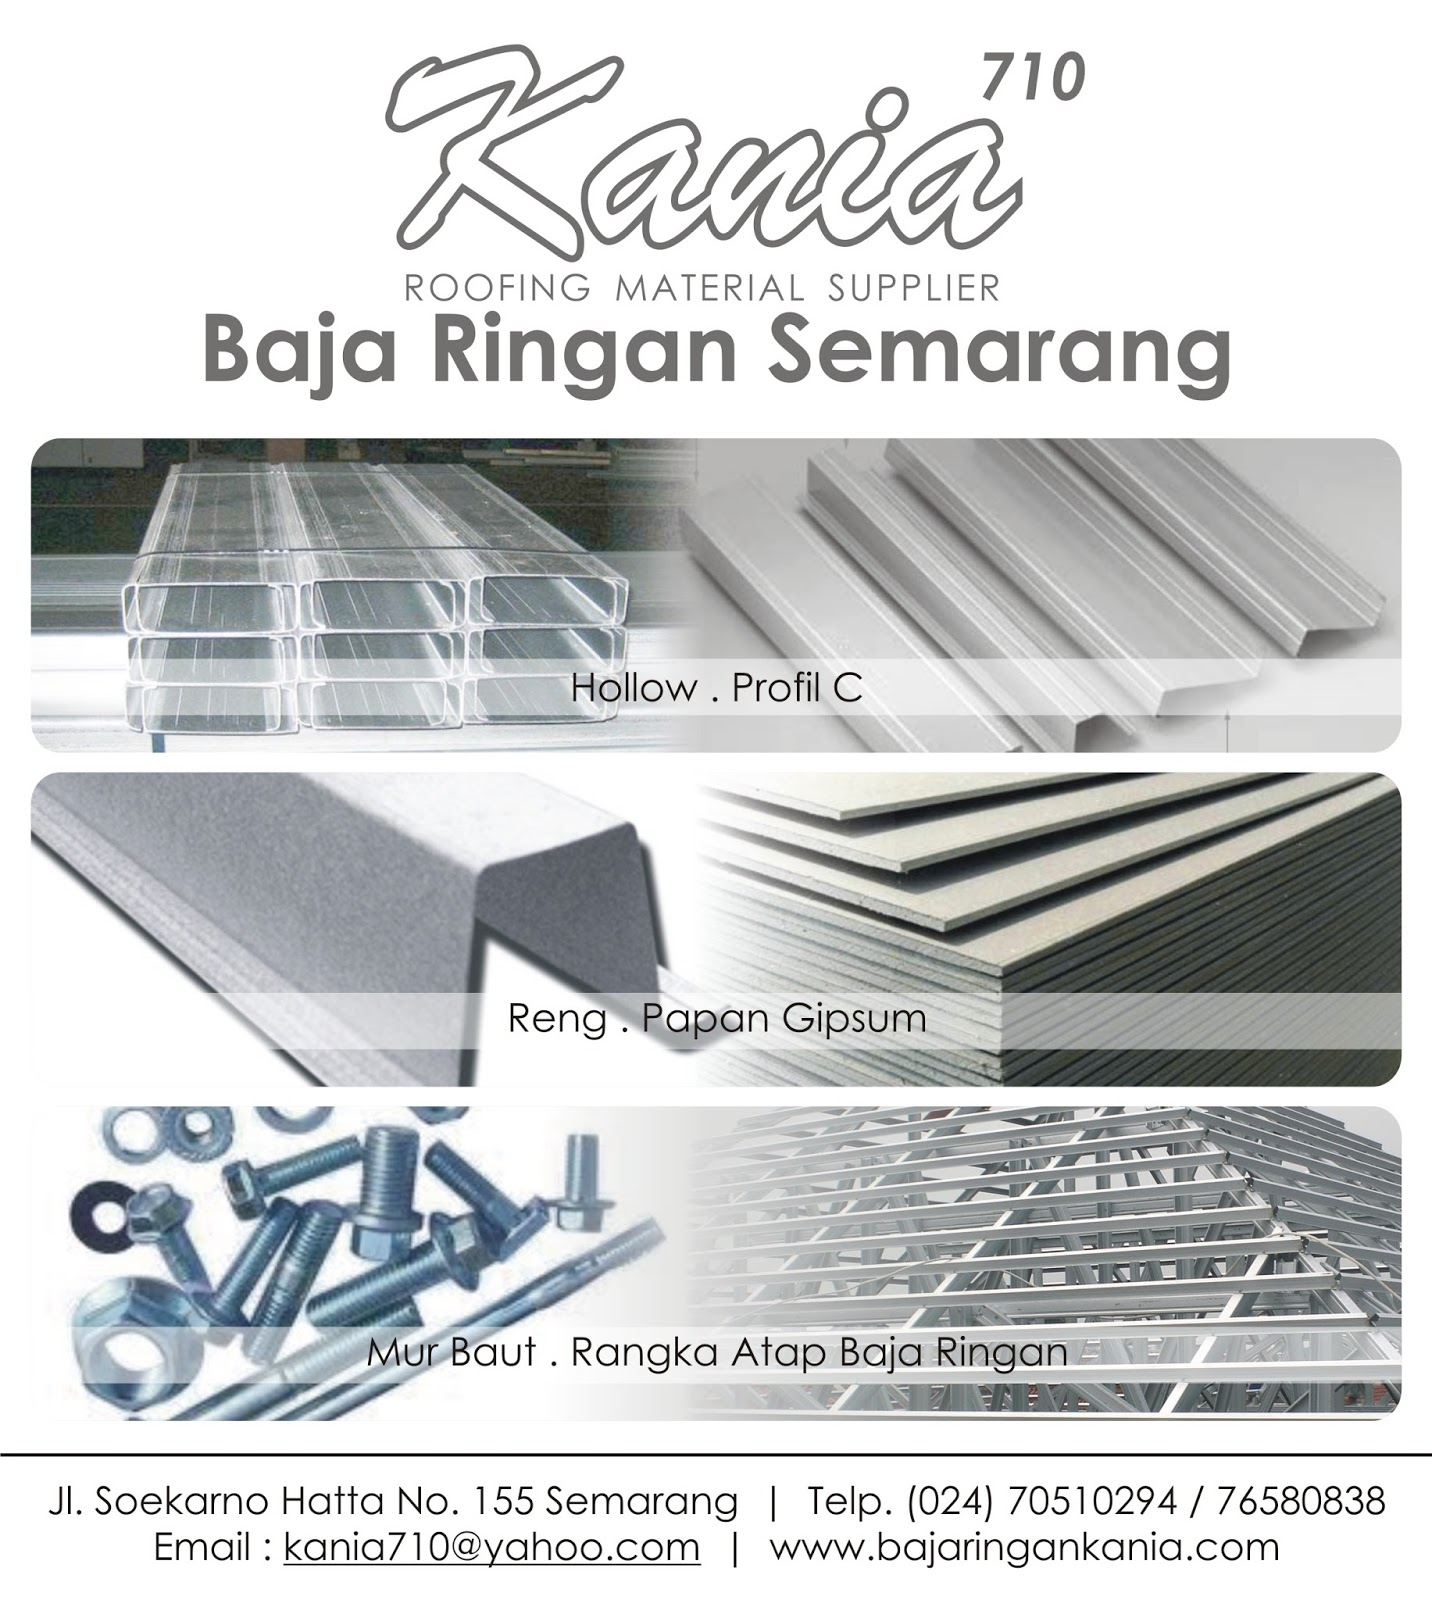 Harga Baja Ringan 2018 Semarang Jepara Berkualitas 2016 2017 Terbaru